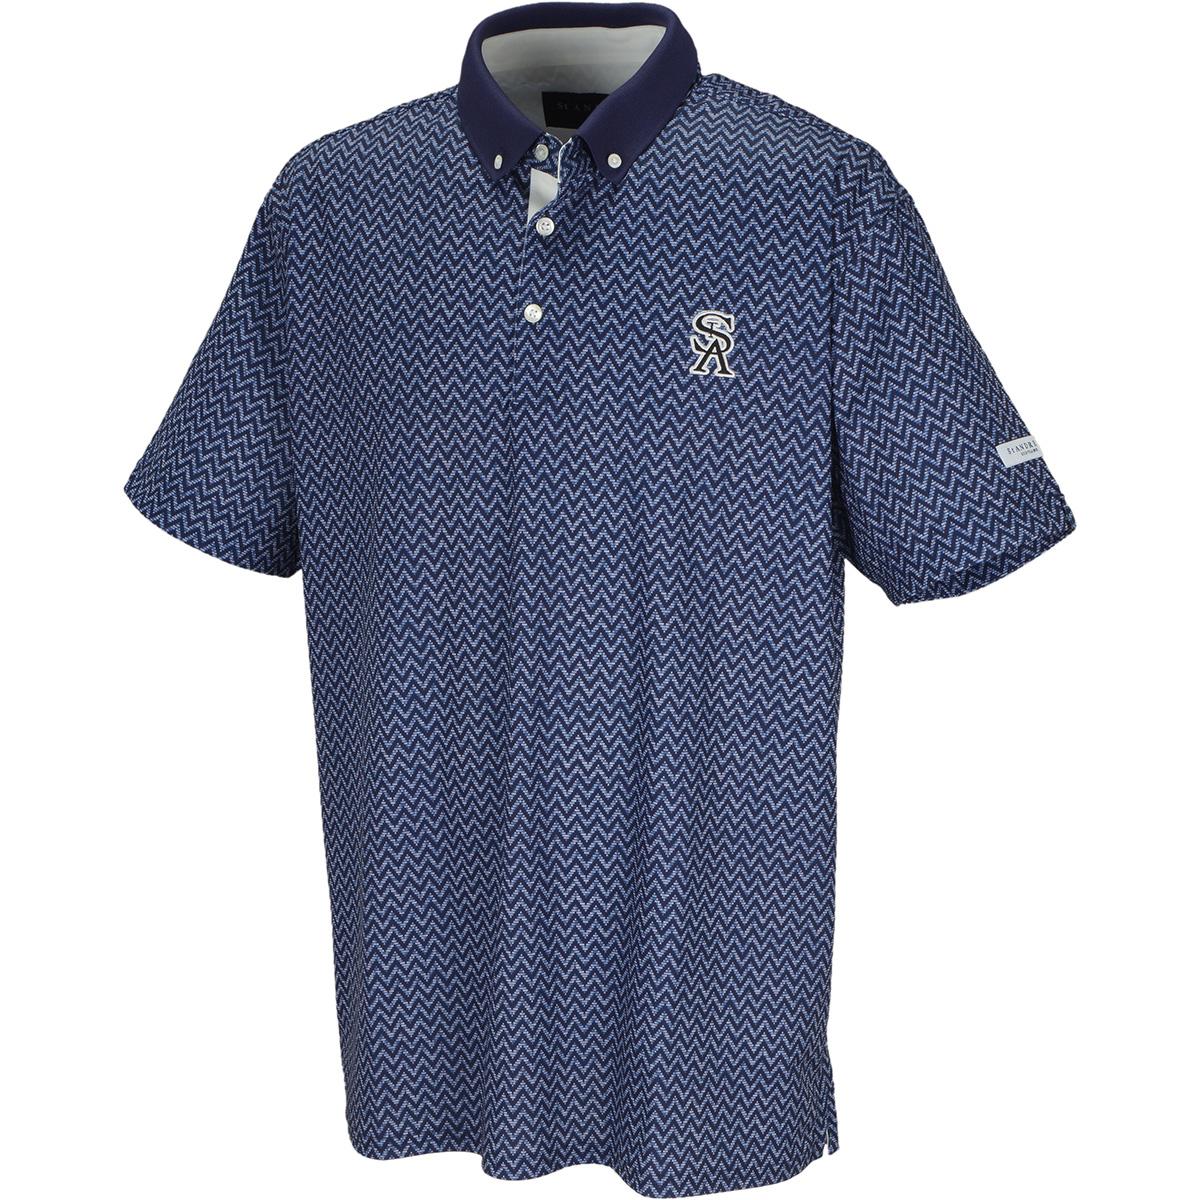 セオアルファ ギザギザプリント 半袖ポロシャツ